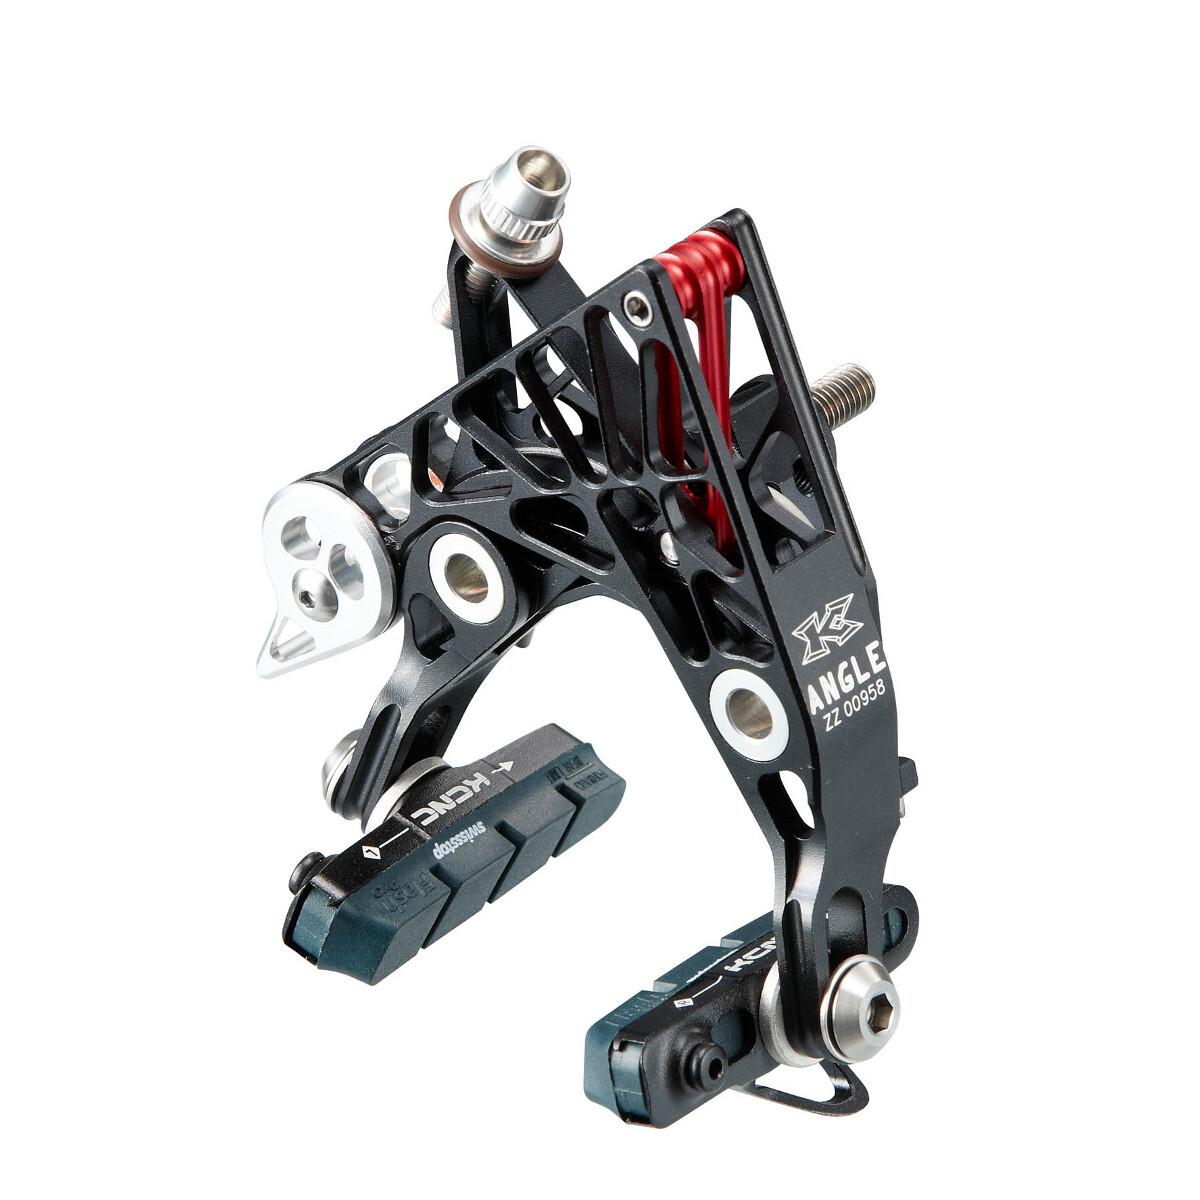 KCNC CB3 Angle Fælgbremse Road forhjul + baghjul | Bremseklo og kaliber